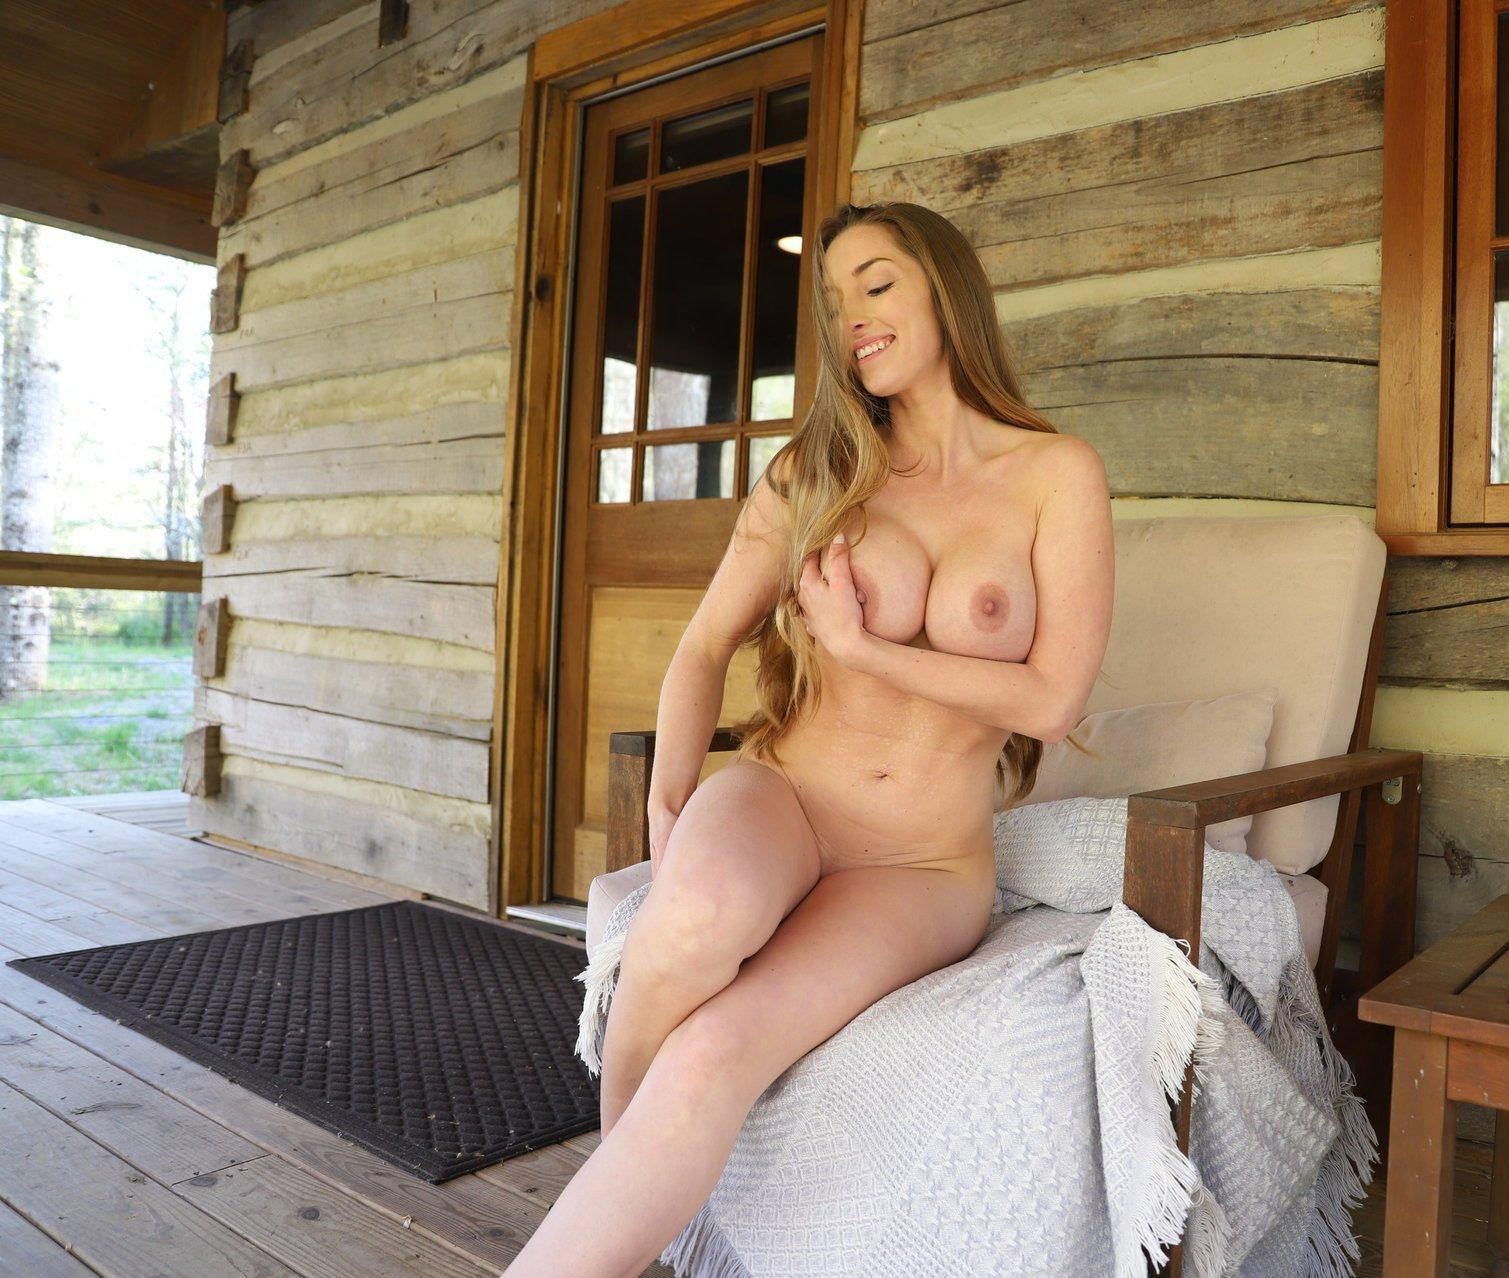 Abby Opel Onlyfans Nude Leaks 0025